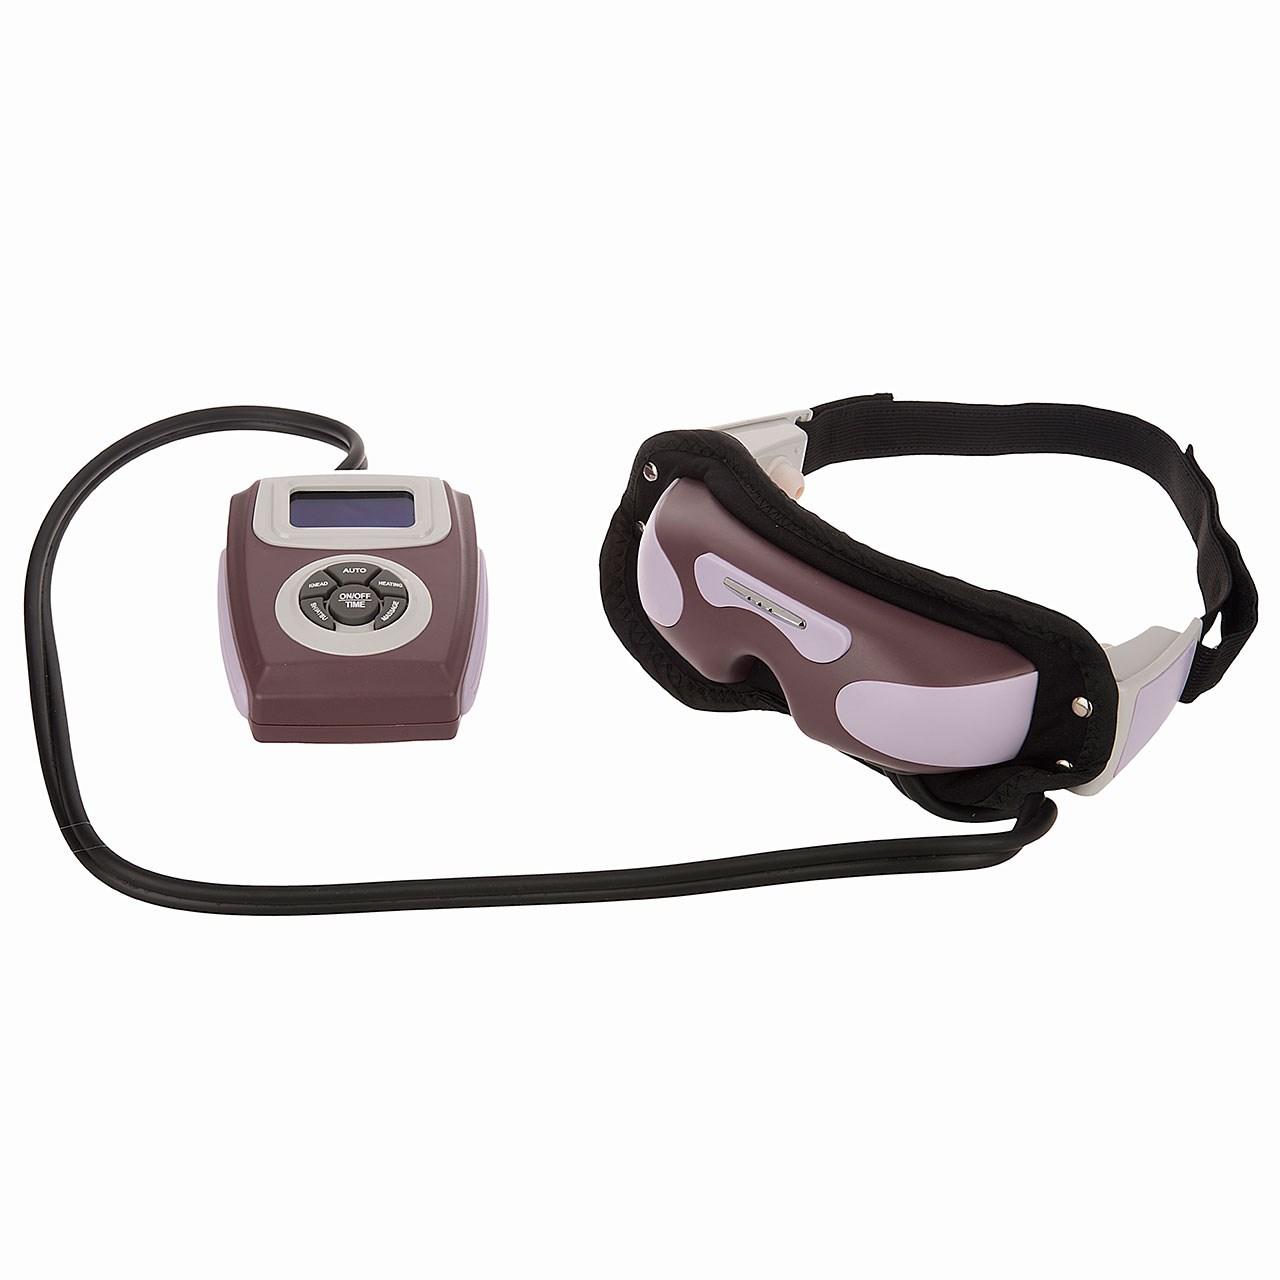 ماساژور چشم هایتک مدل HI-EM212